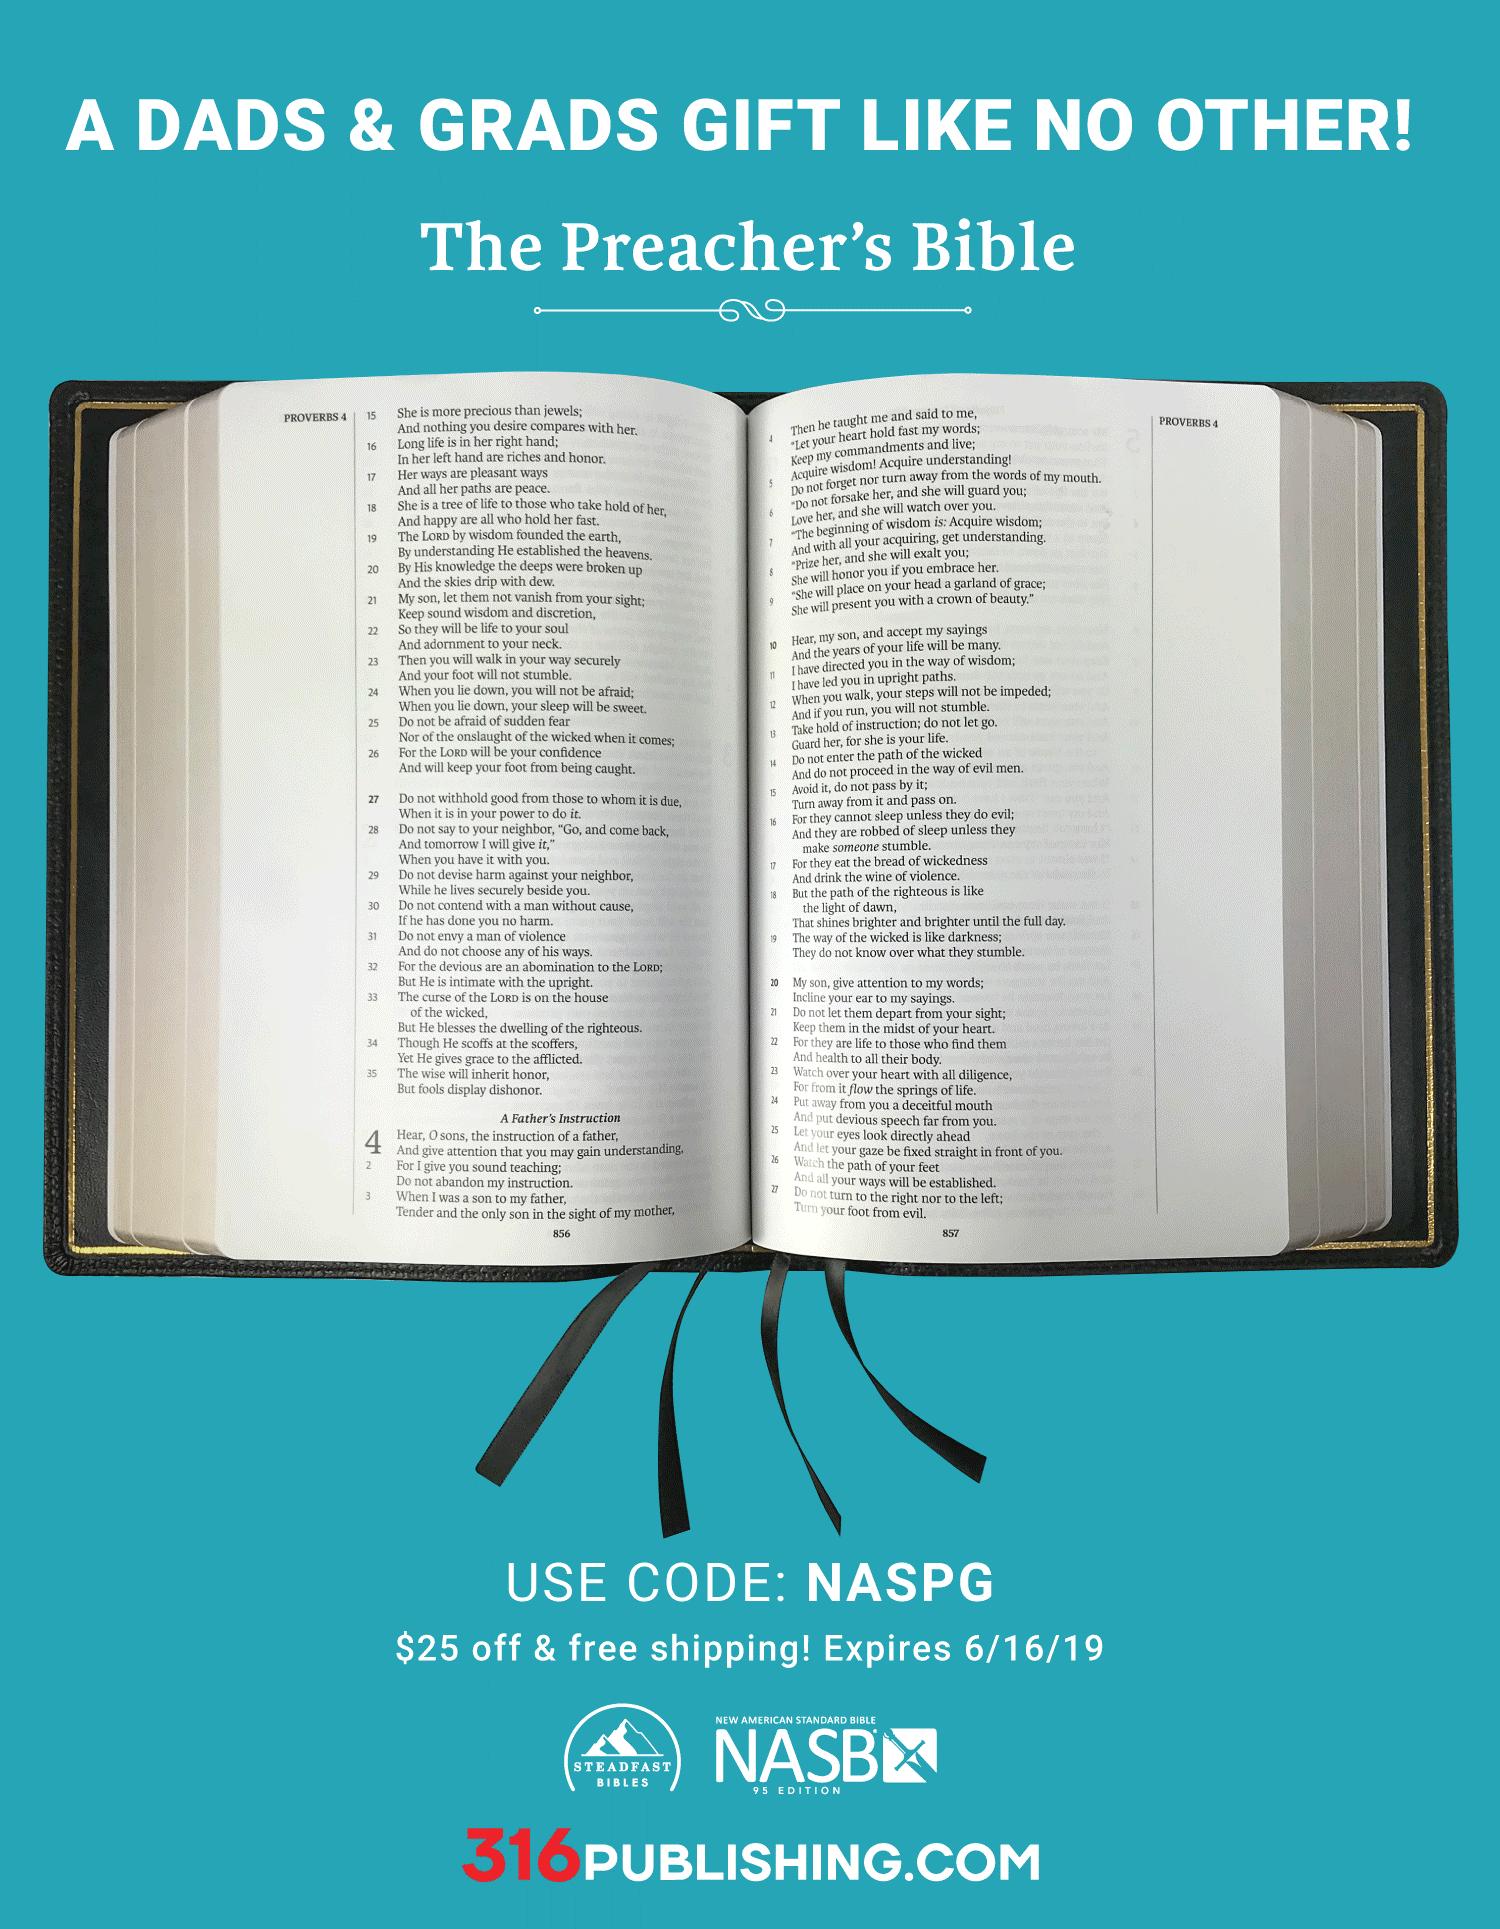 The Preacher's Bible